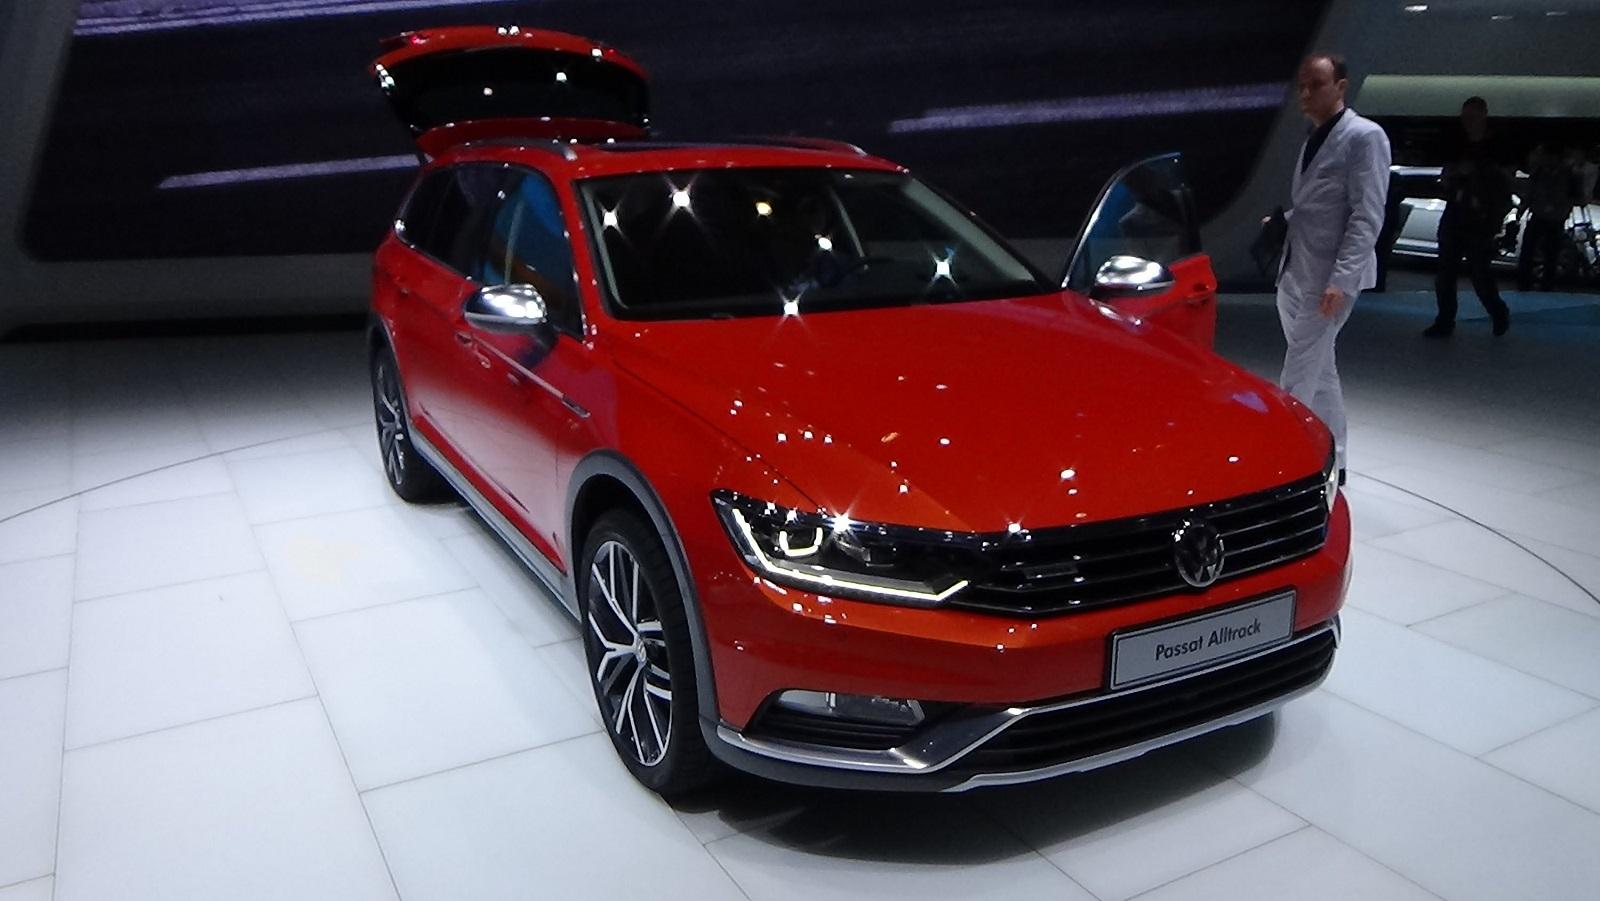 2016 Volkswagen Passat Alltrack Exterior Preview Auto Show